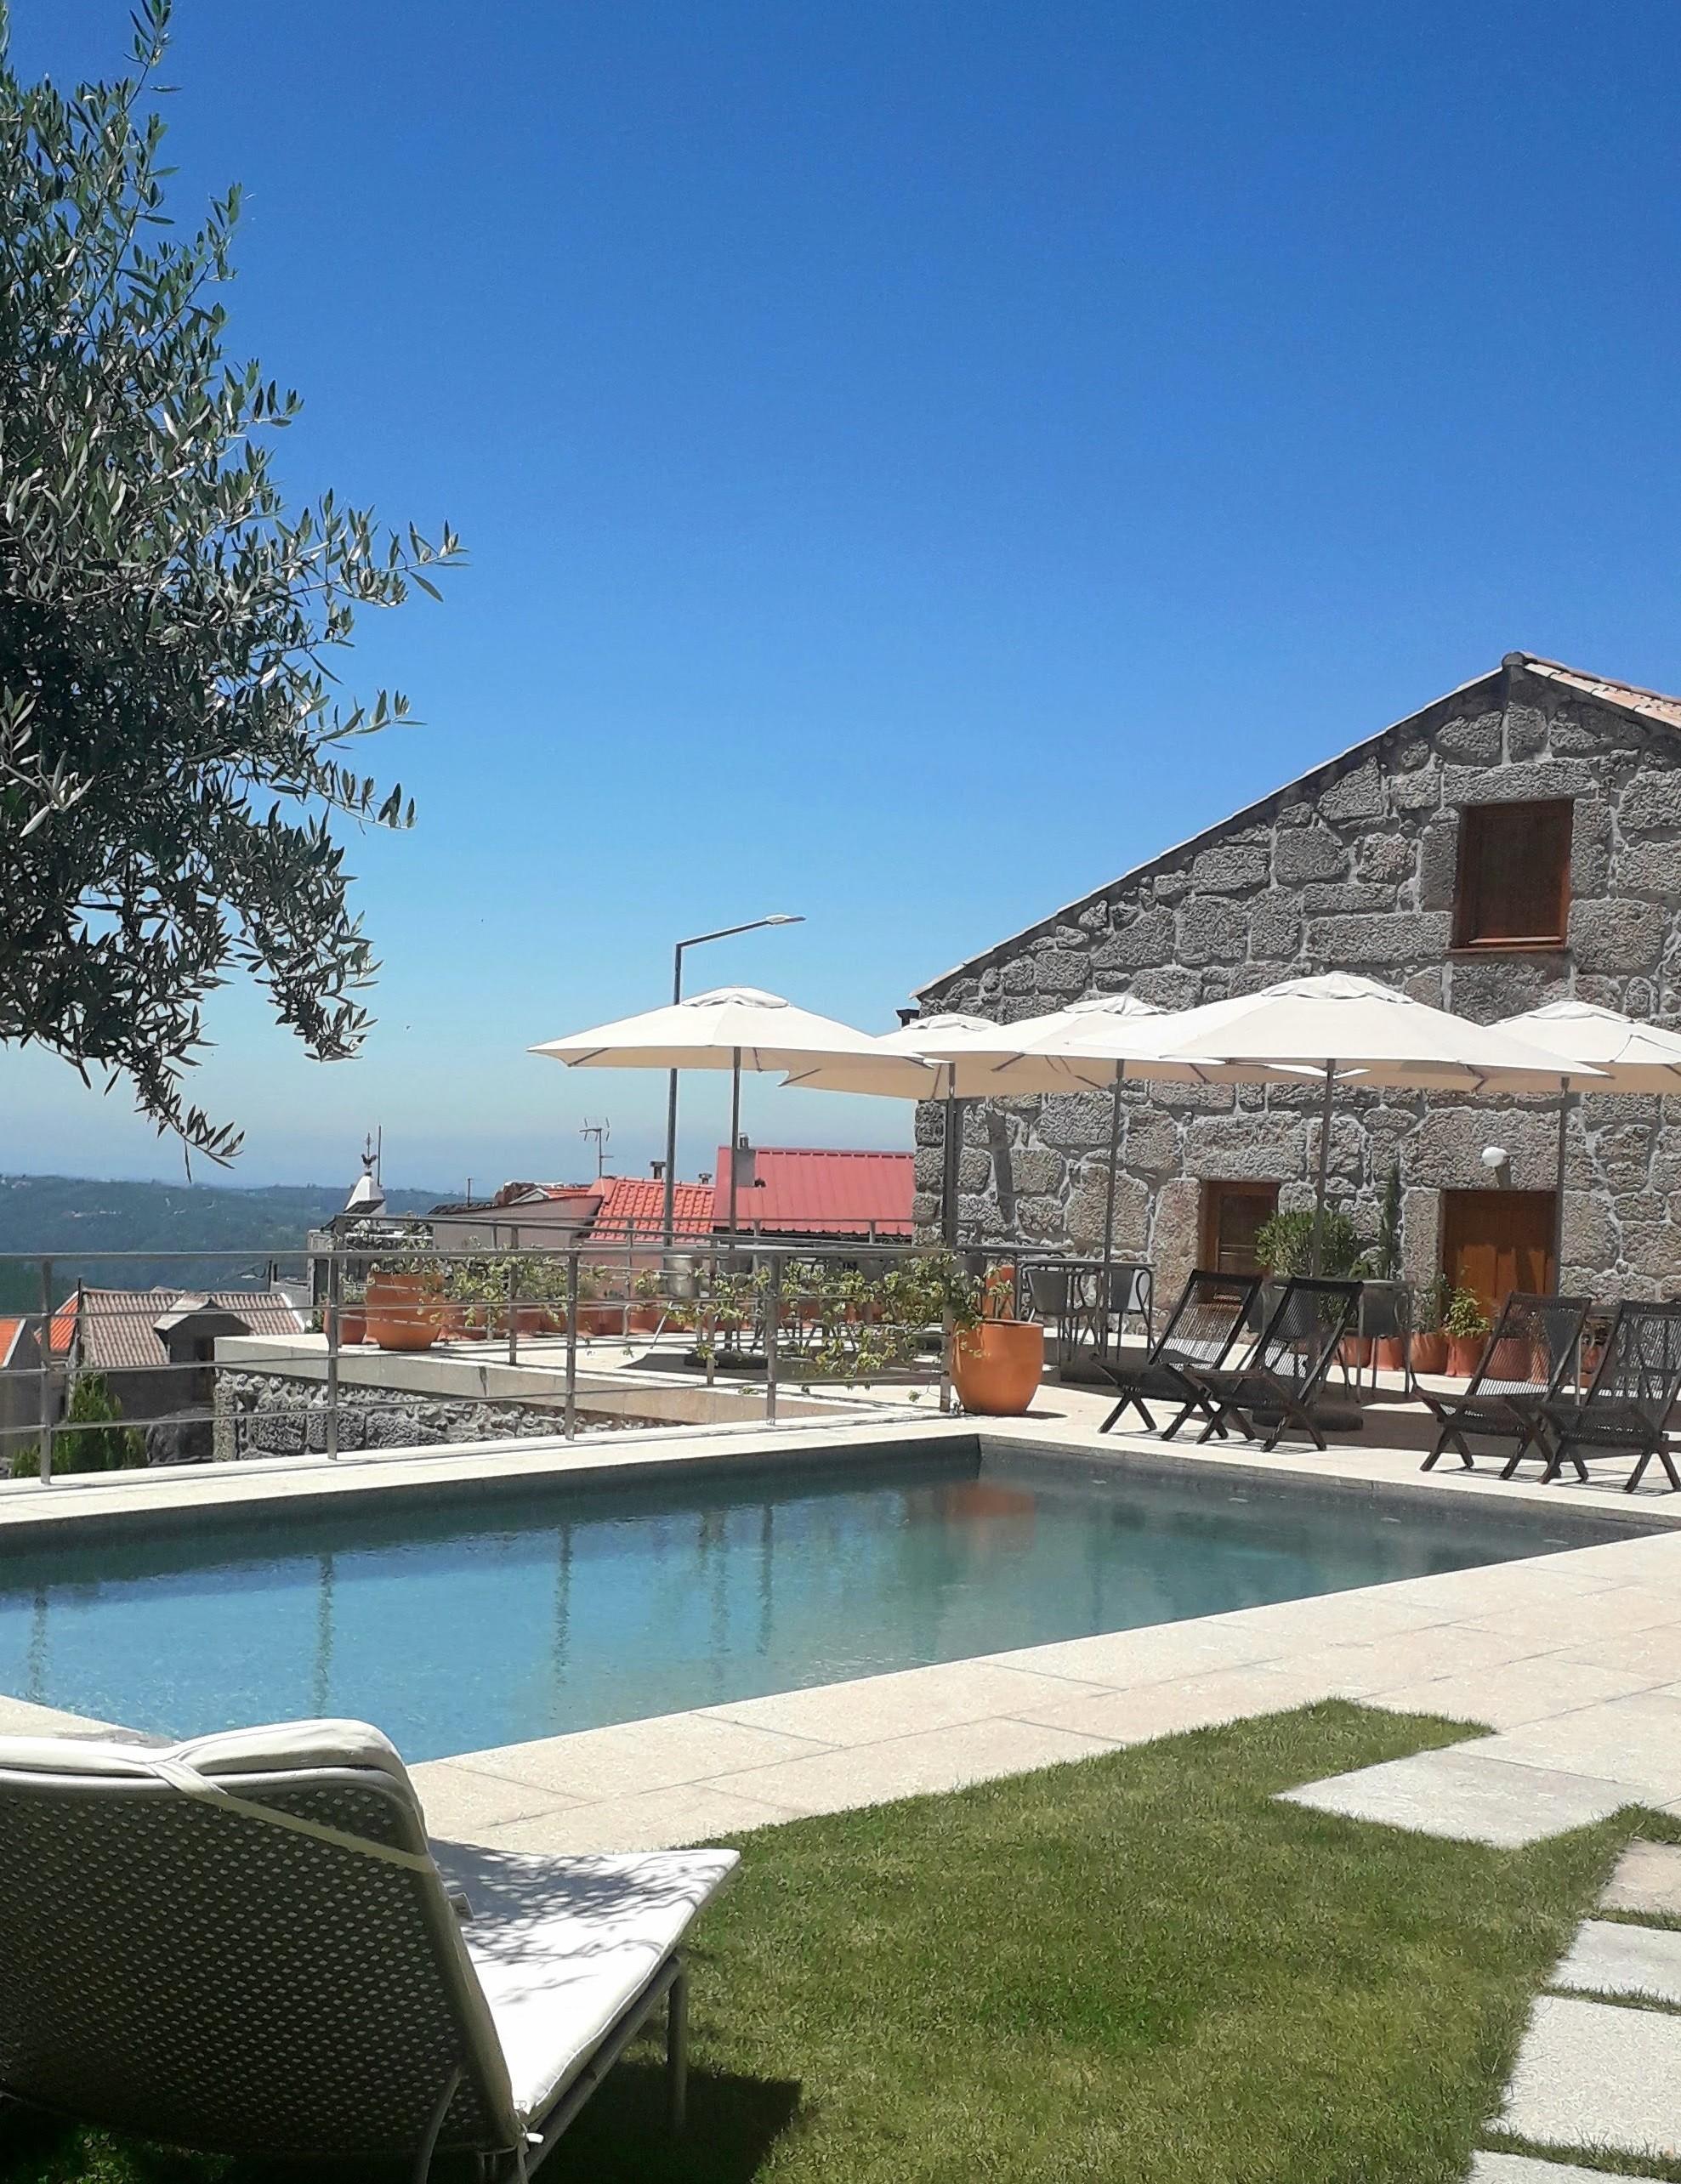 Panorama da piscina e da construção principal das Casas da Lapa